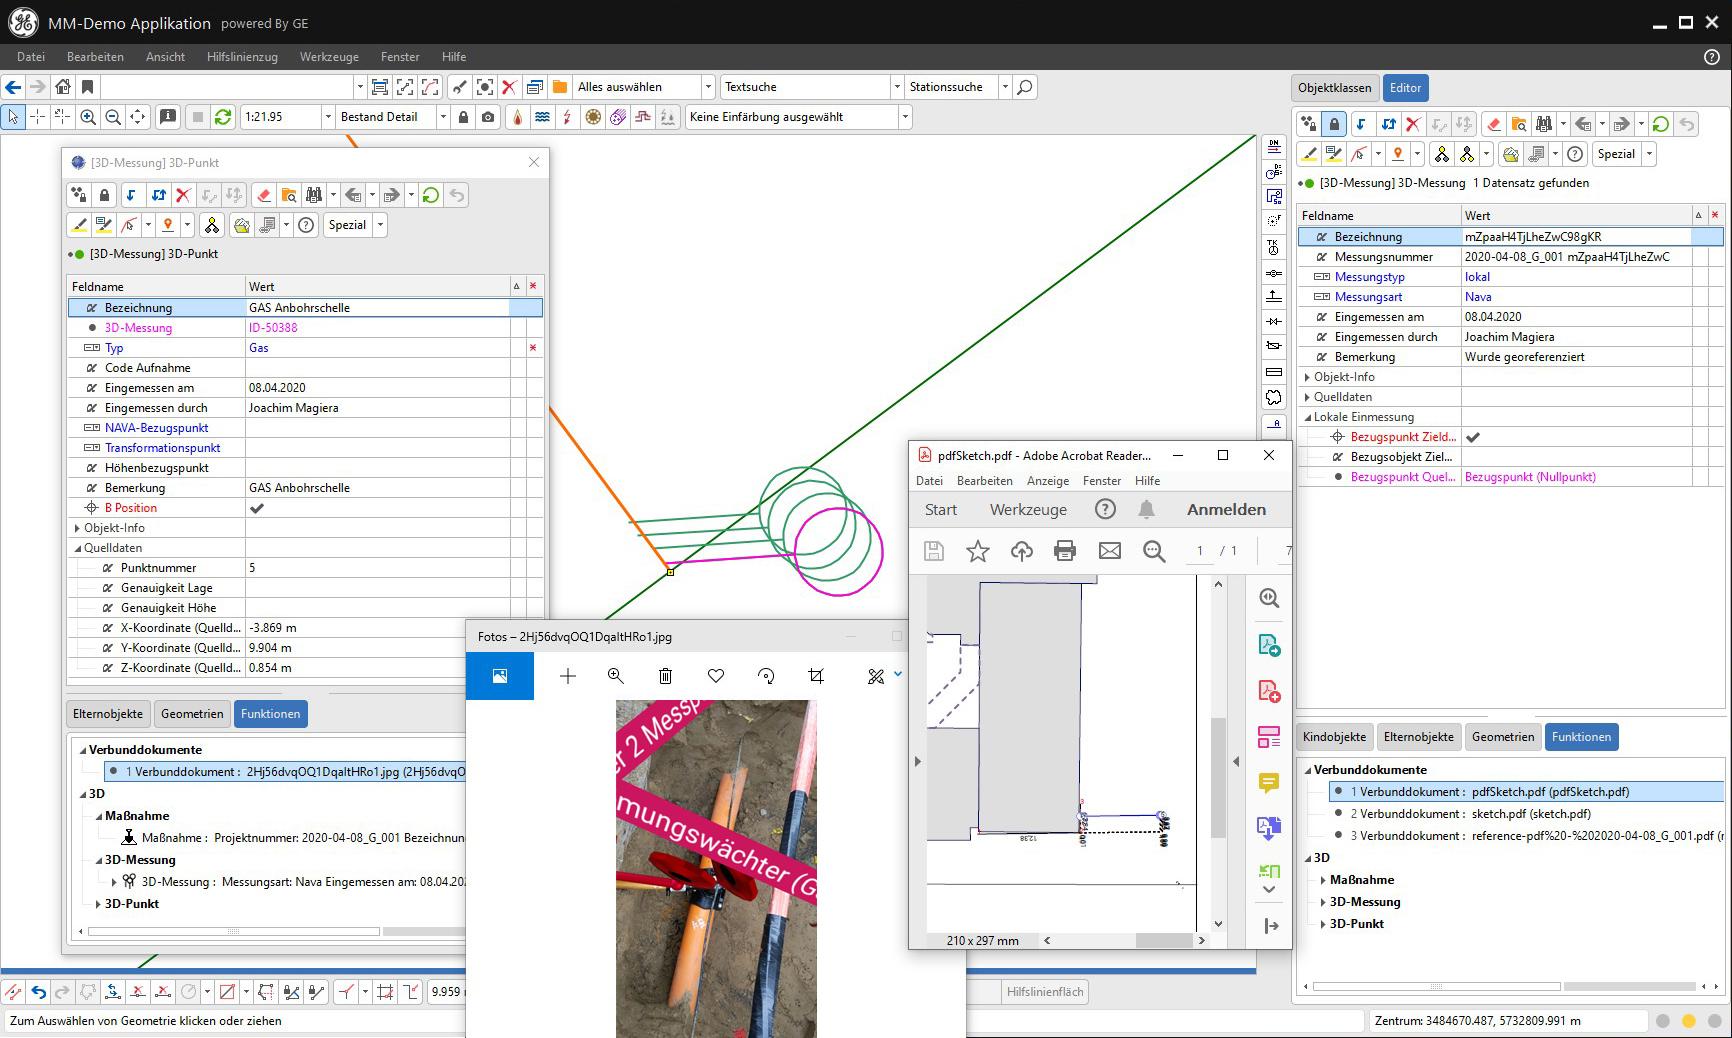 3D-Punkt, 3D-Messung mit Foto und PDF-Skizze